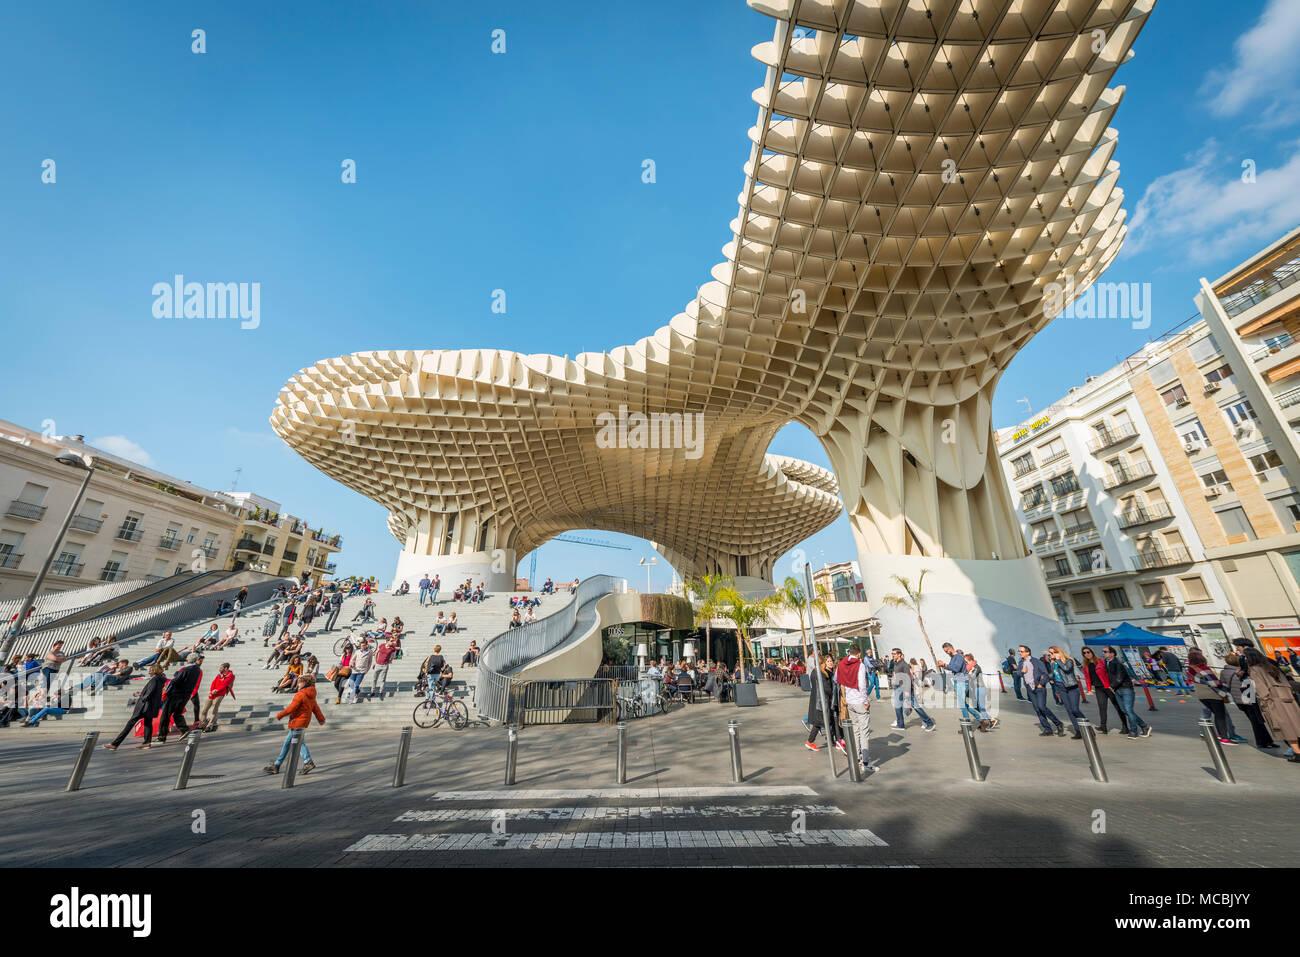 Metropol Parasol, Plaza de la Encarnacion, Seville, Andalusía, Spain - Stock Image